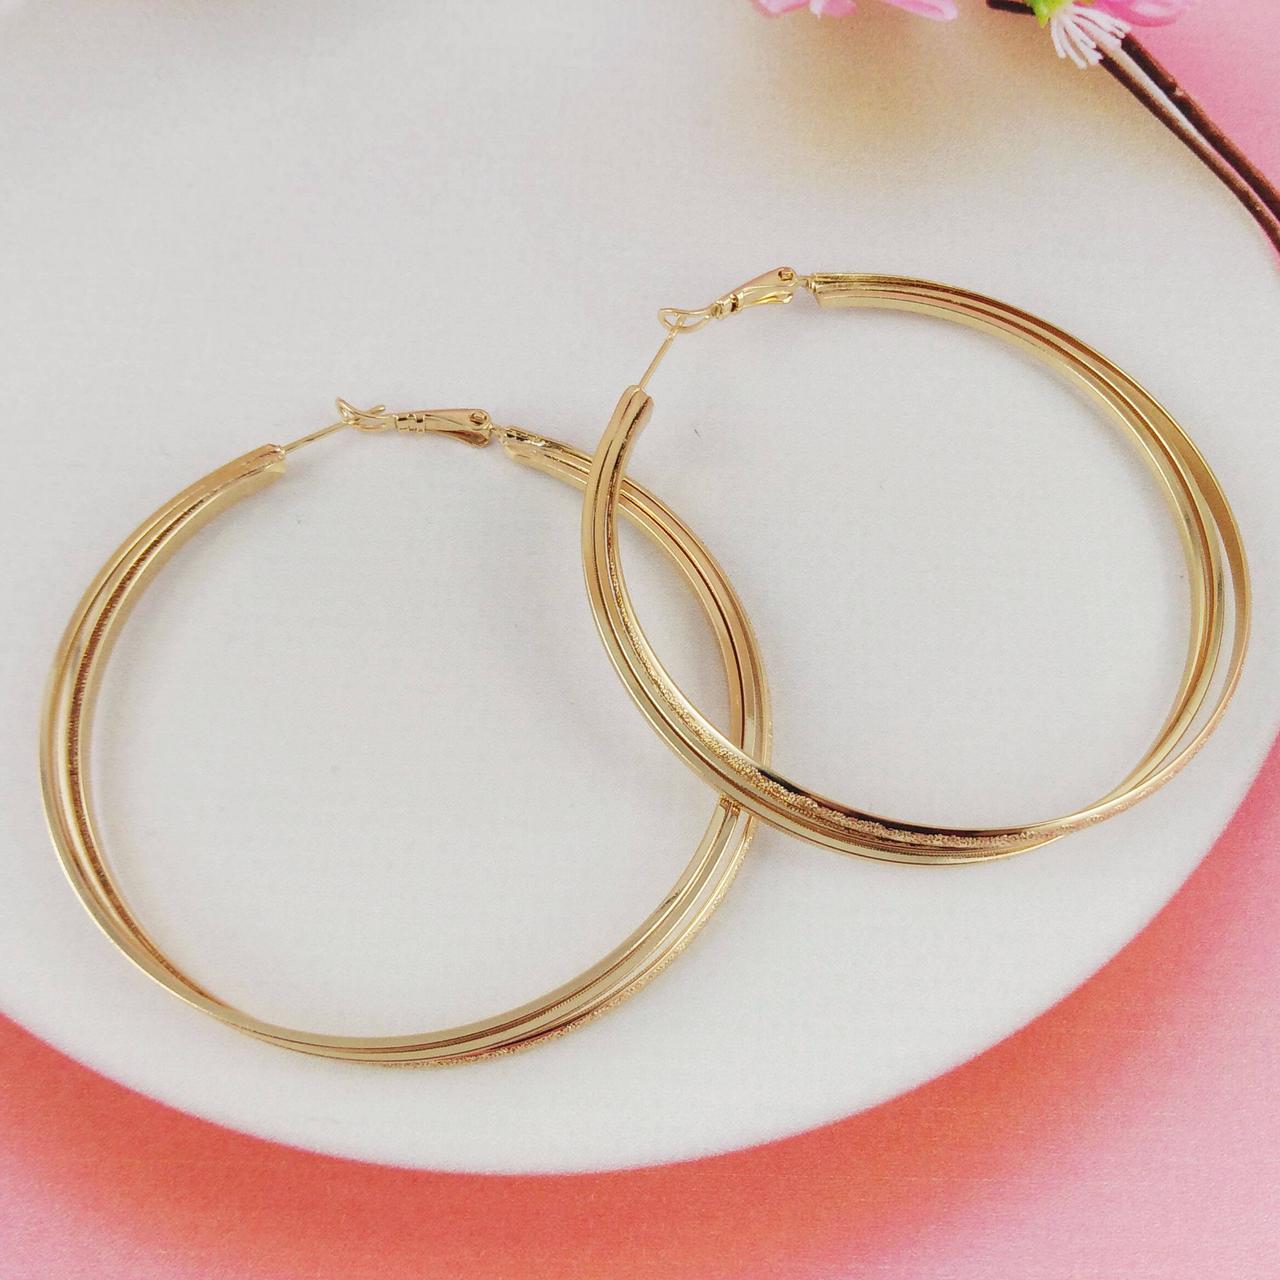 Серьги кольца Xuping Jewelry d 5,1 см шагрень с рисунком медицинское золото, позолота 18К. А/В 4418